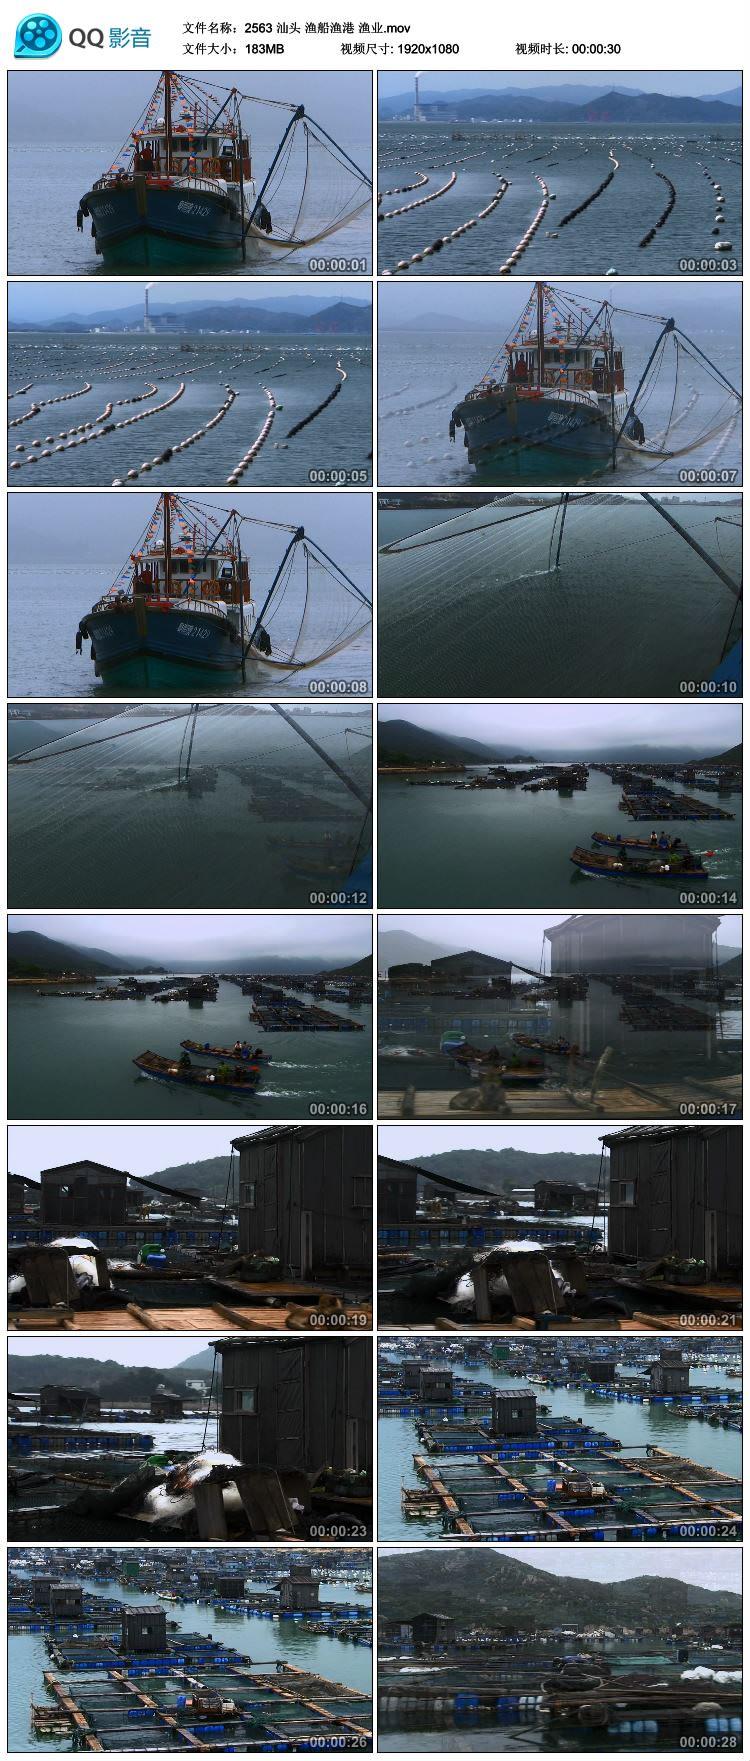 汕头 渔船渔港 渔排渔业 撒网捕鱼 高清实拍视频素材